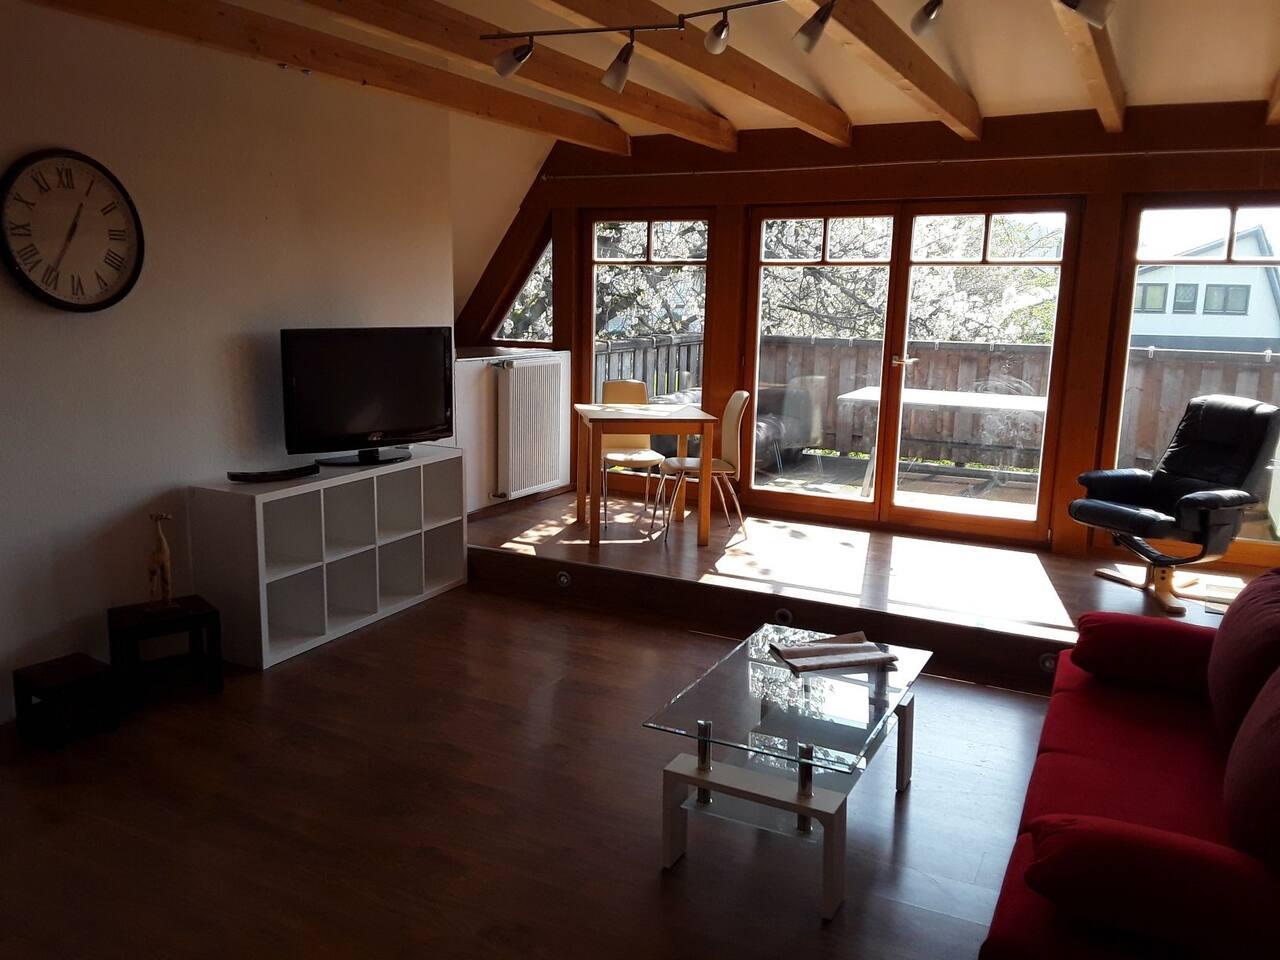 Wohnzimmer mit herrlichem Blick über die grosse Dachterrasse